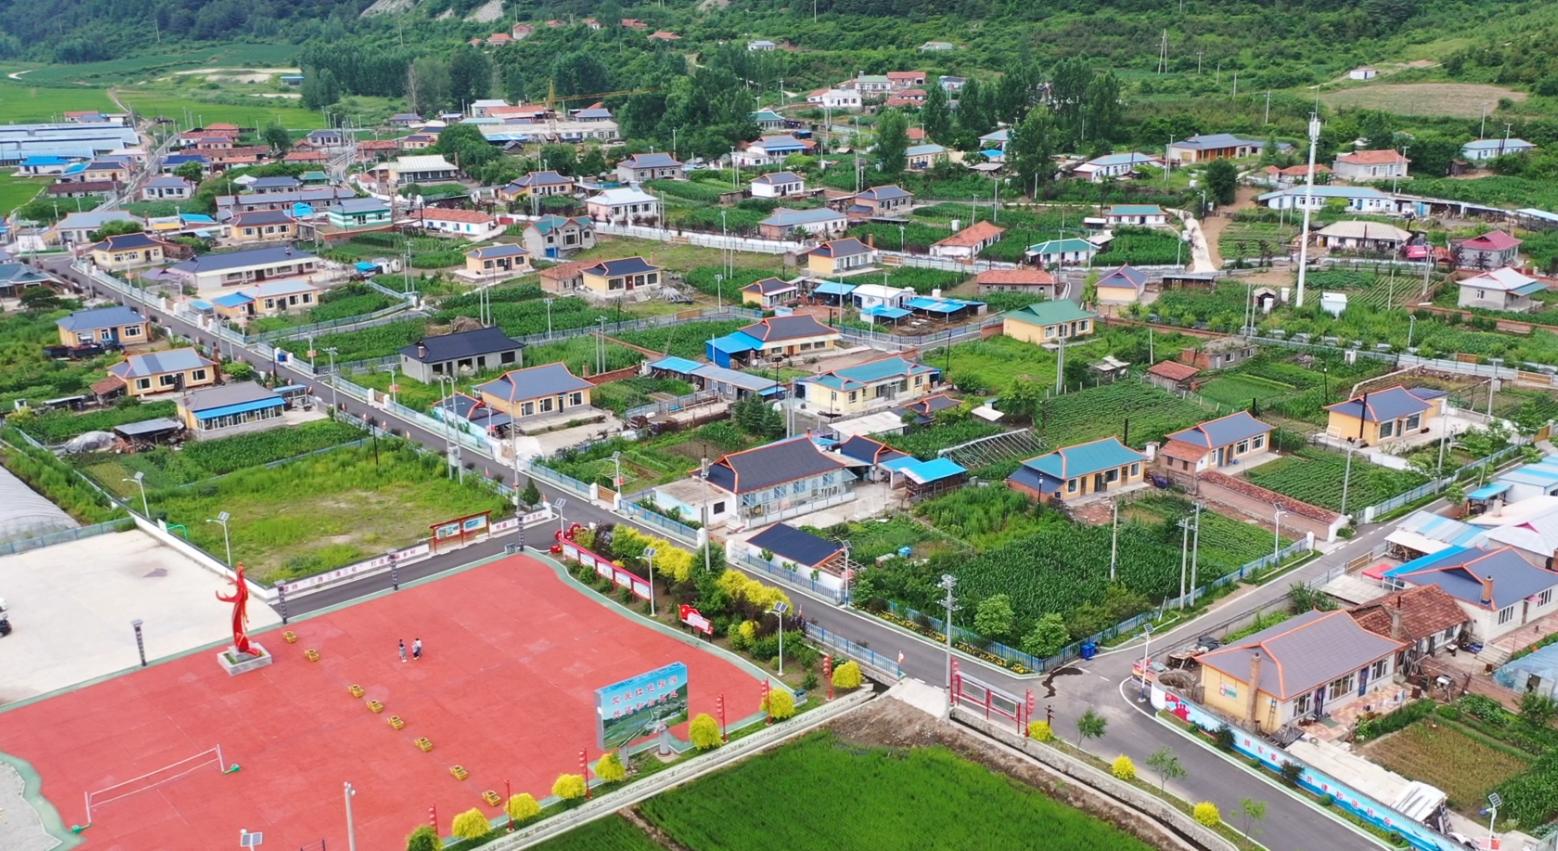 特色旅游富了五凤村